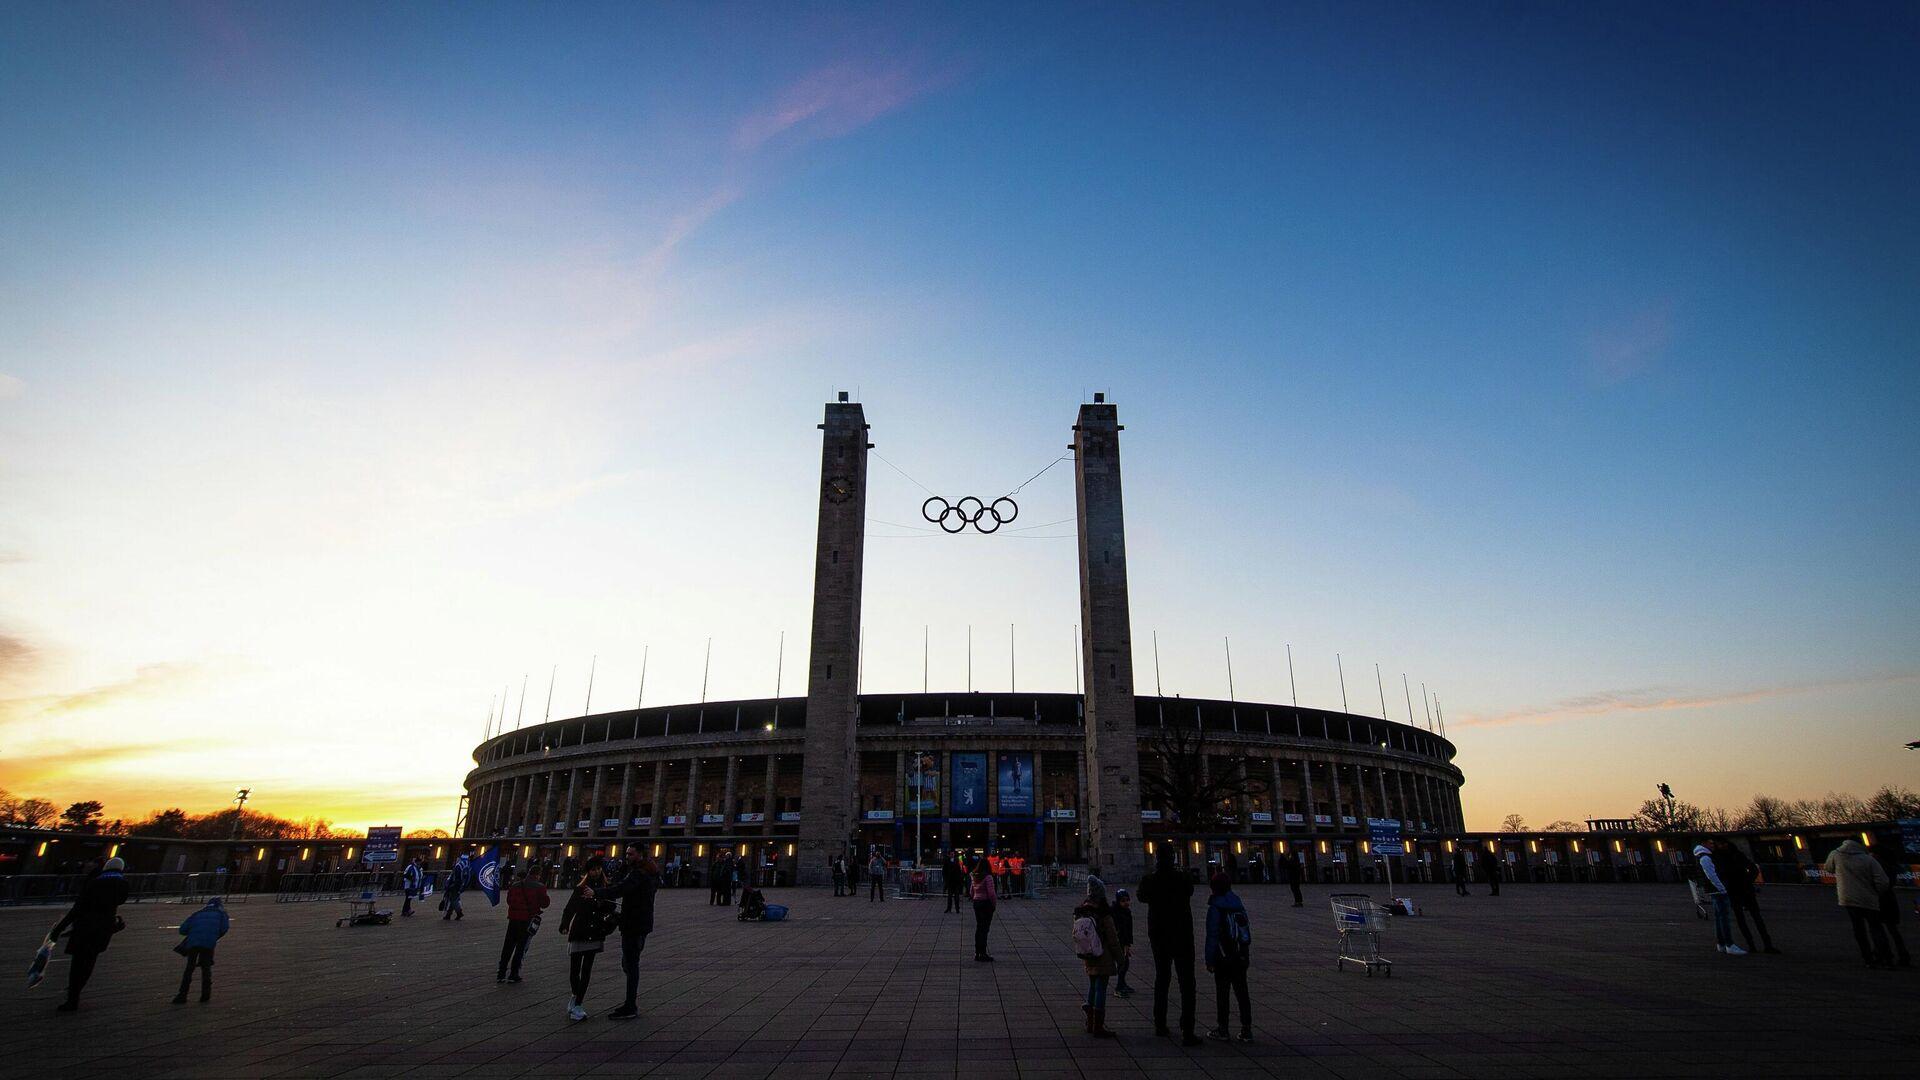 Олимпийский стадион в Берлине - РИА Новости, 1920, 15.04.2021